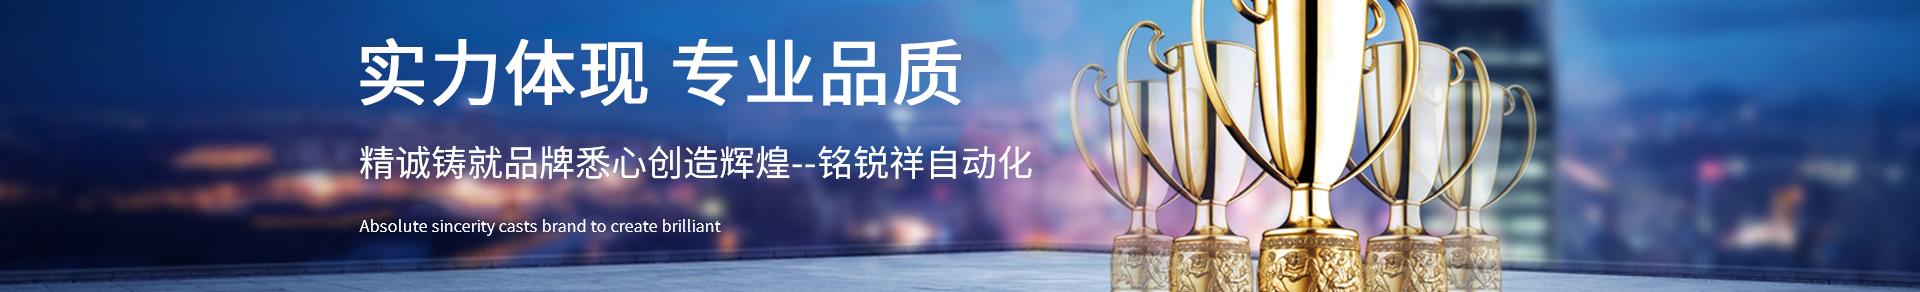 http://www.mingruixiang.cn/data/upload/202006/20200602155410_115.jpg